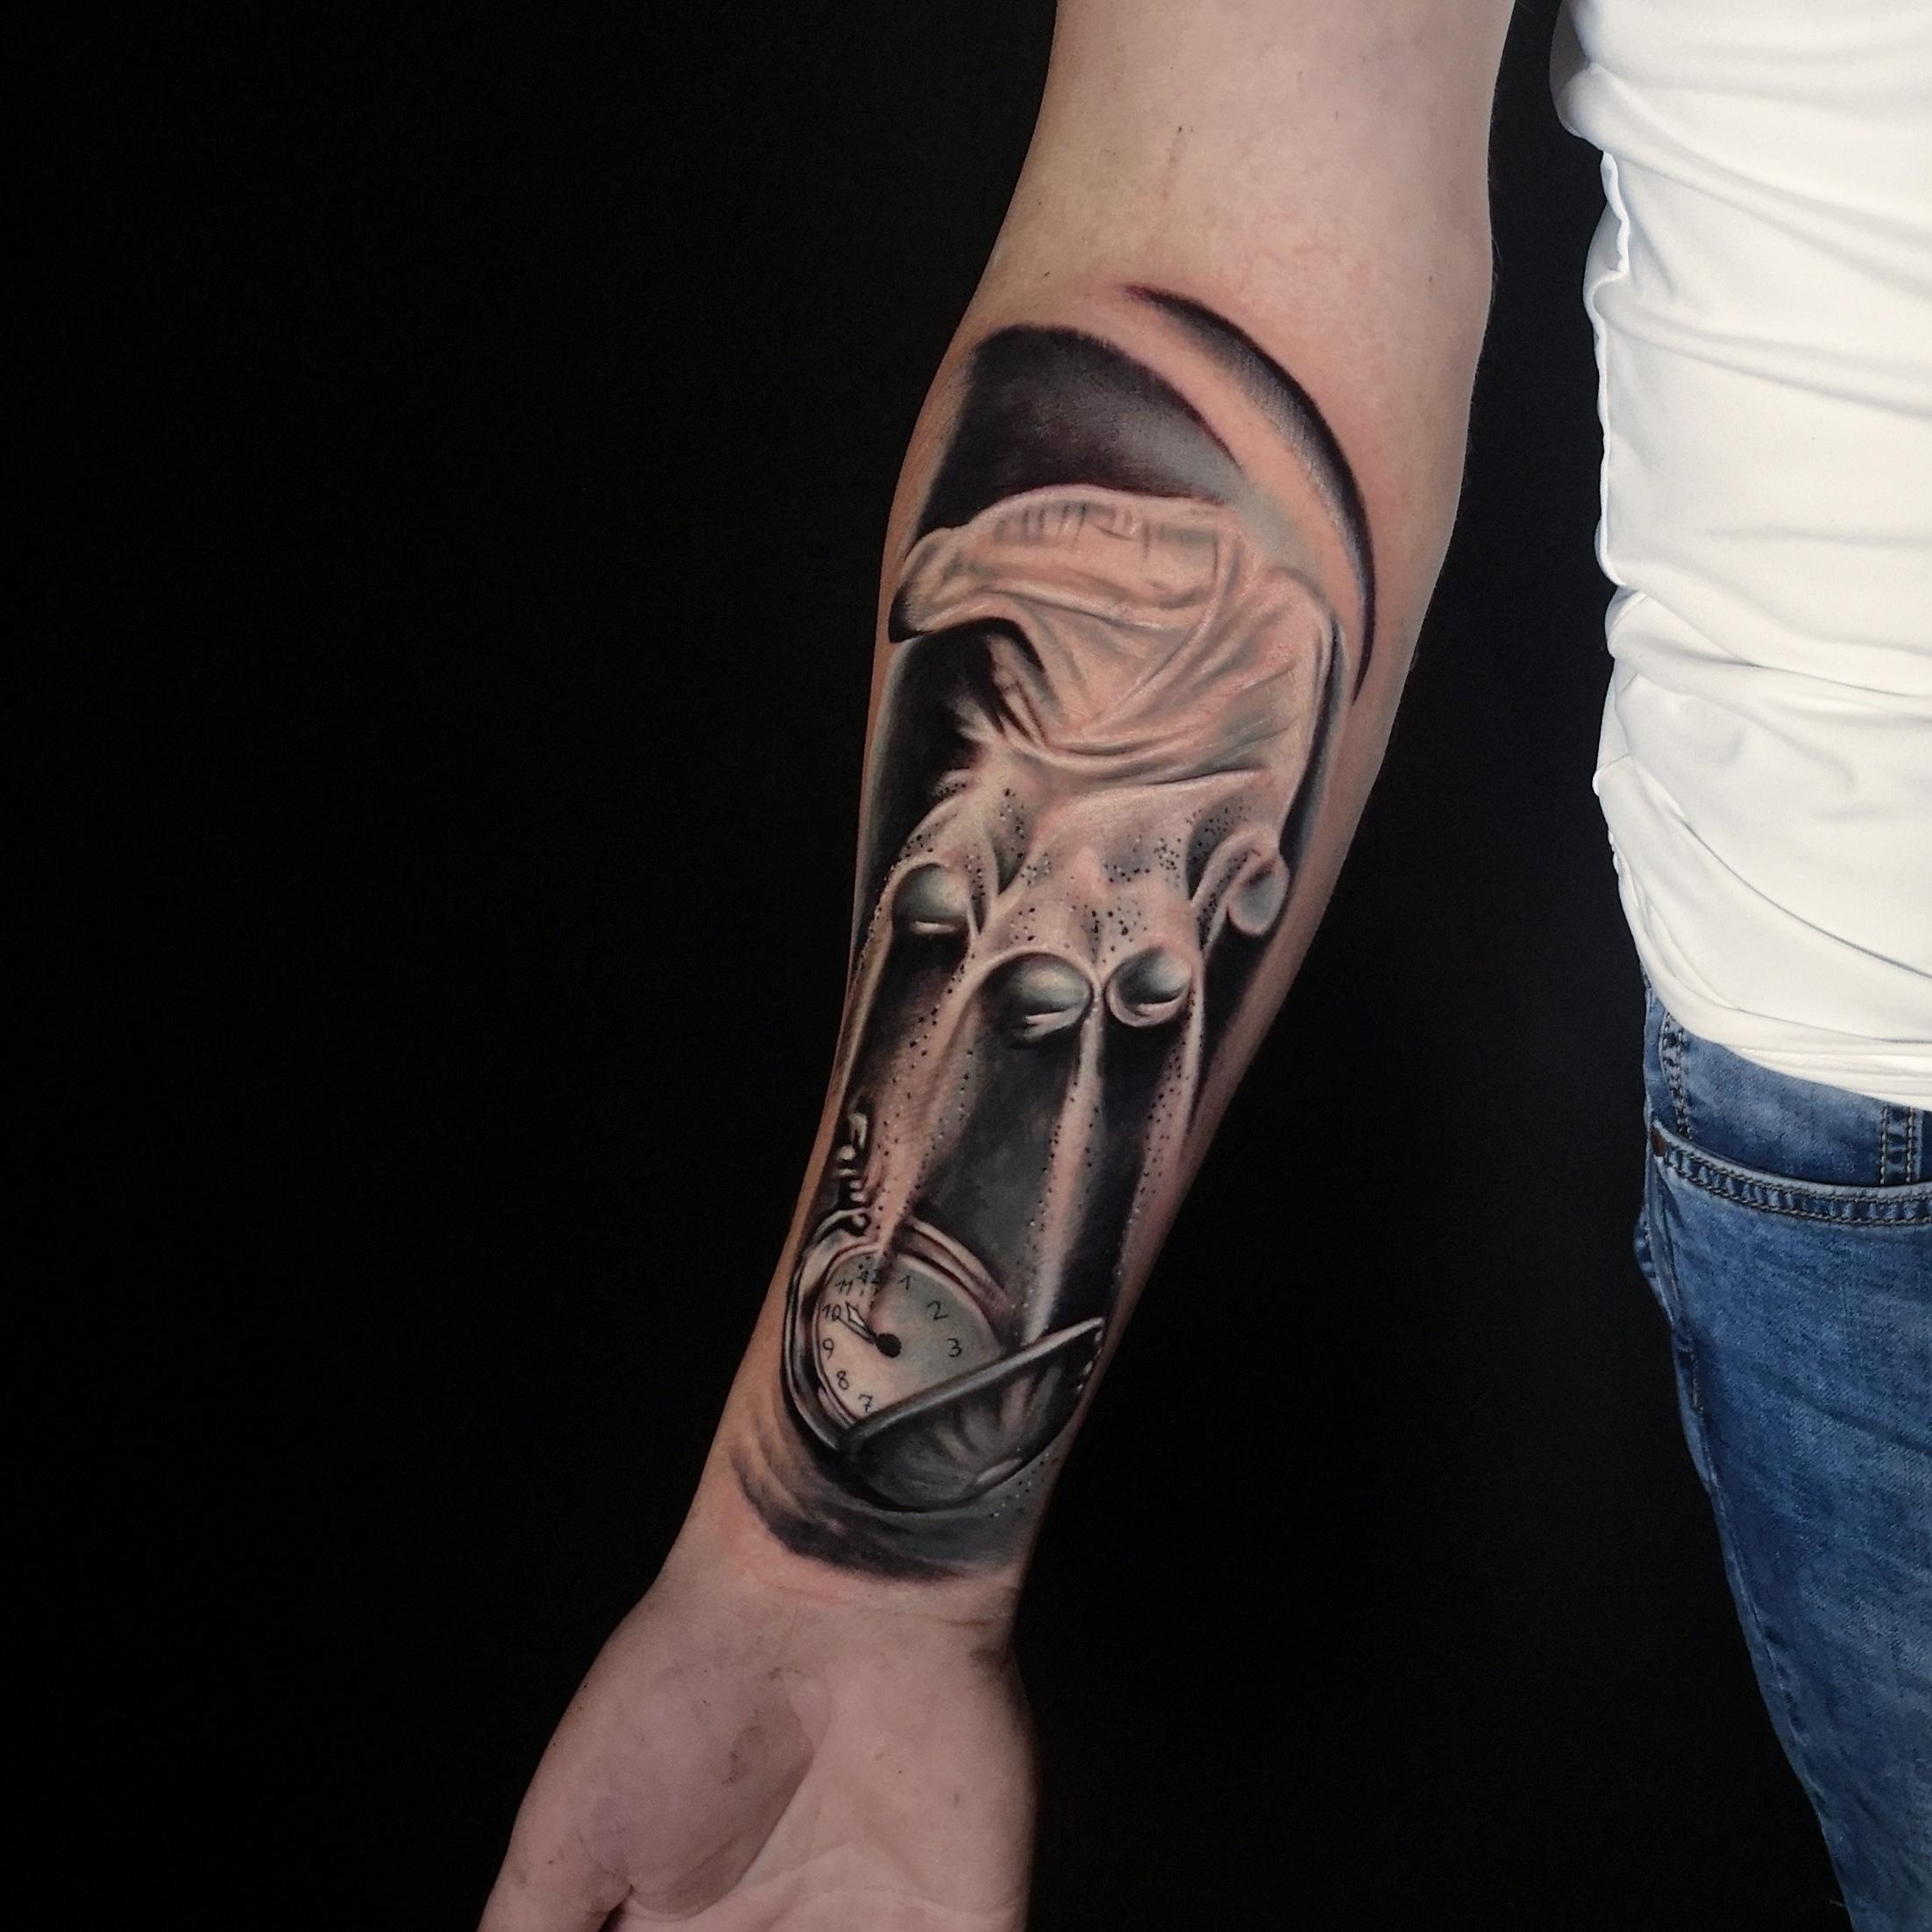 Inksearch tattoo Rufi_art95